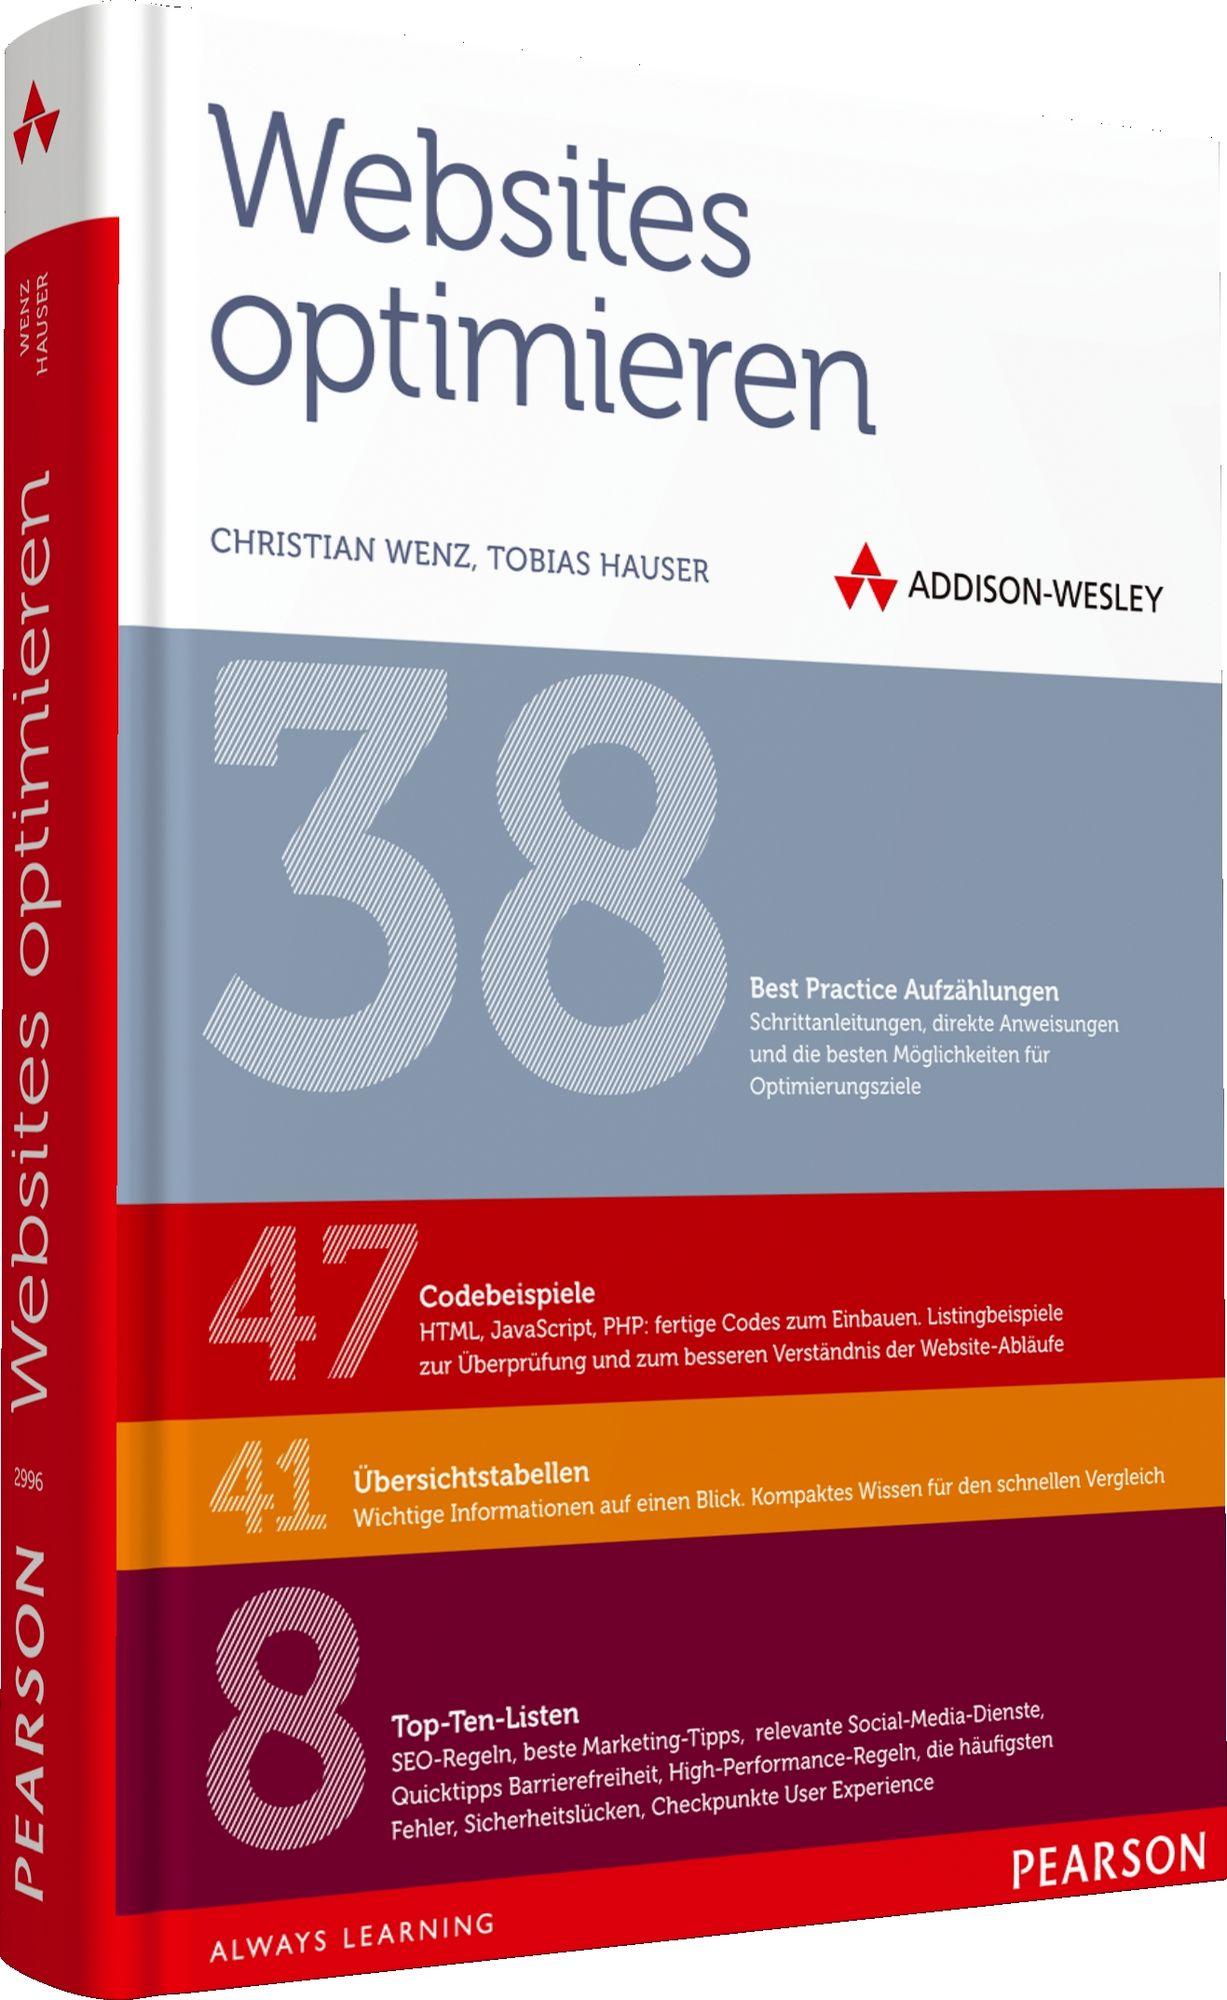 Website-Optimierung - Das Handbuch: SEO, Usabil...